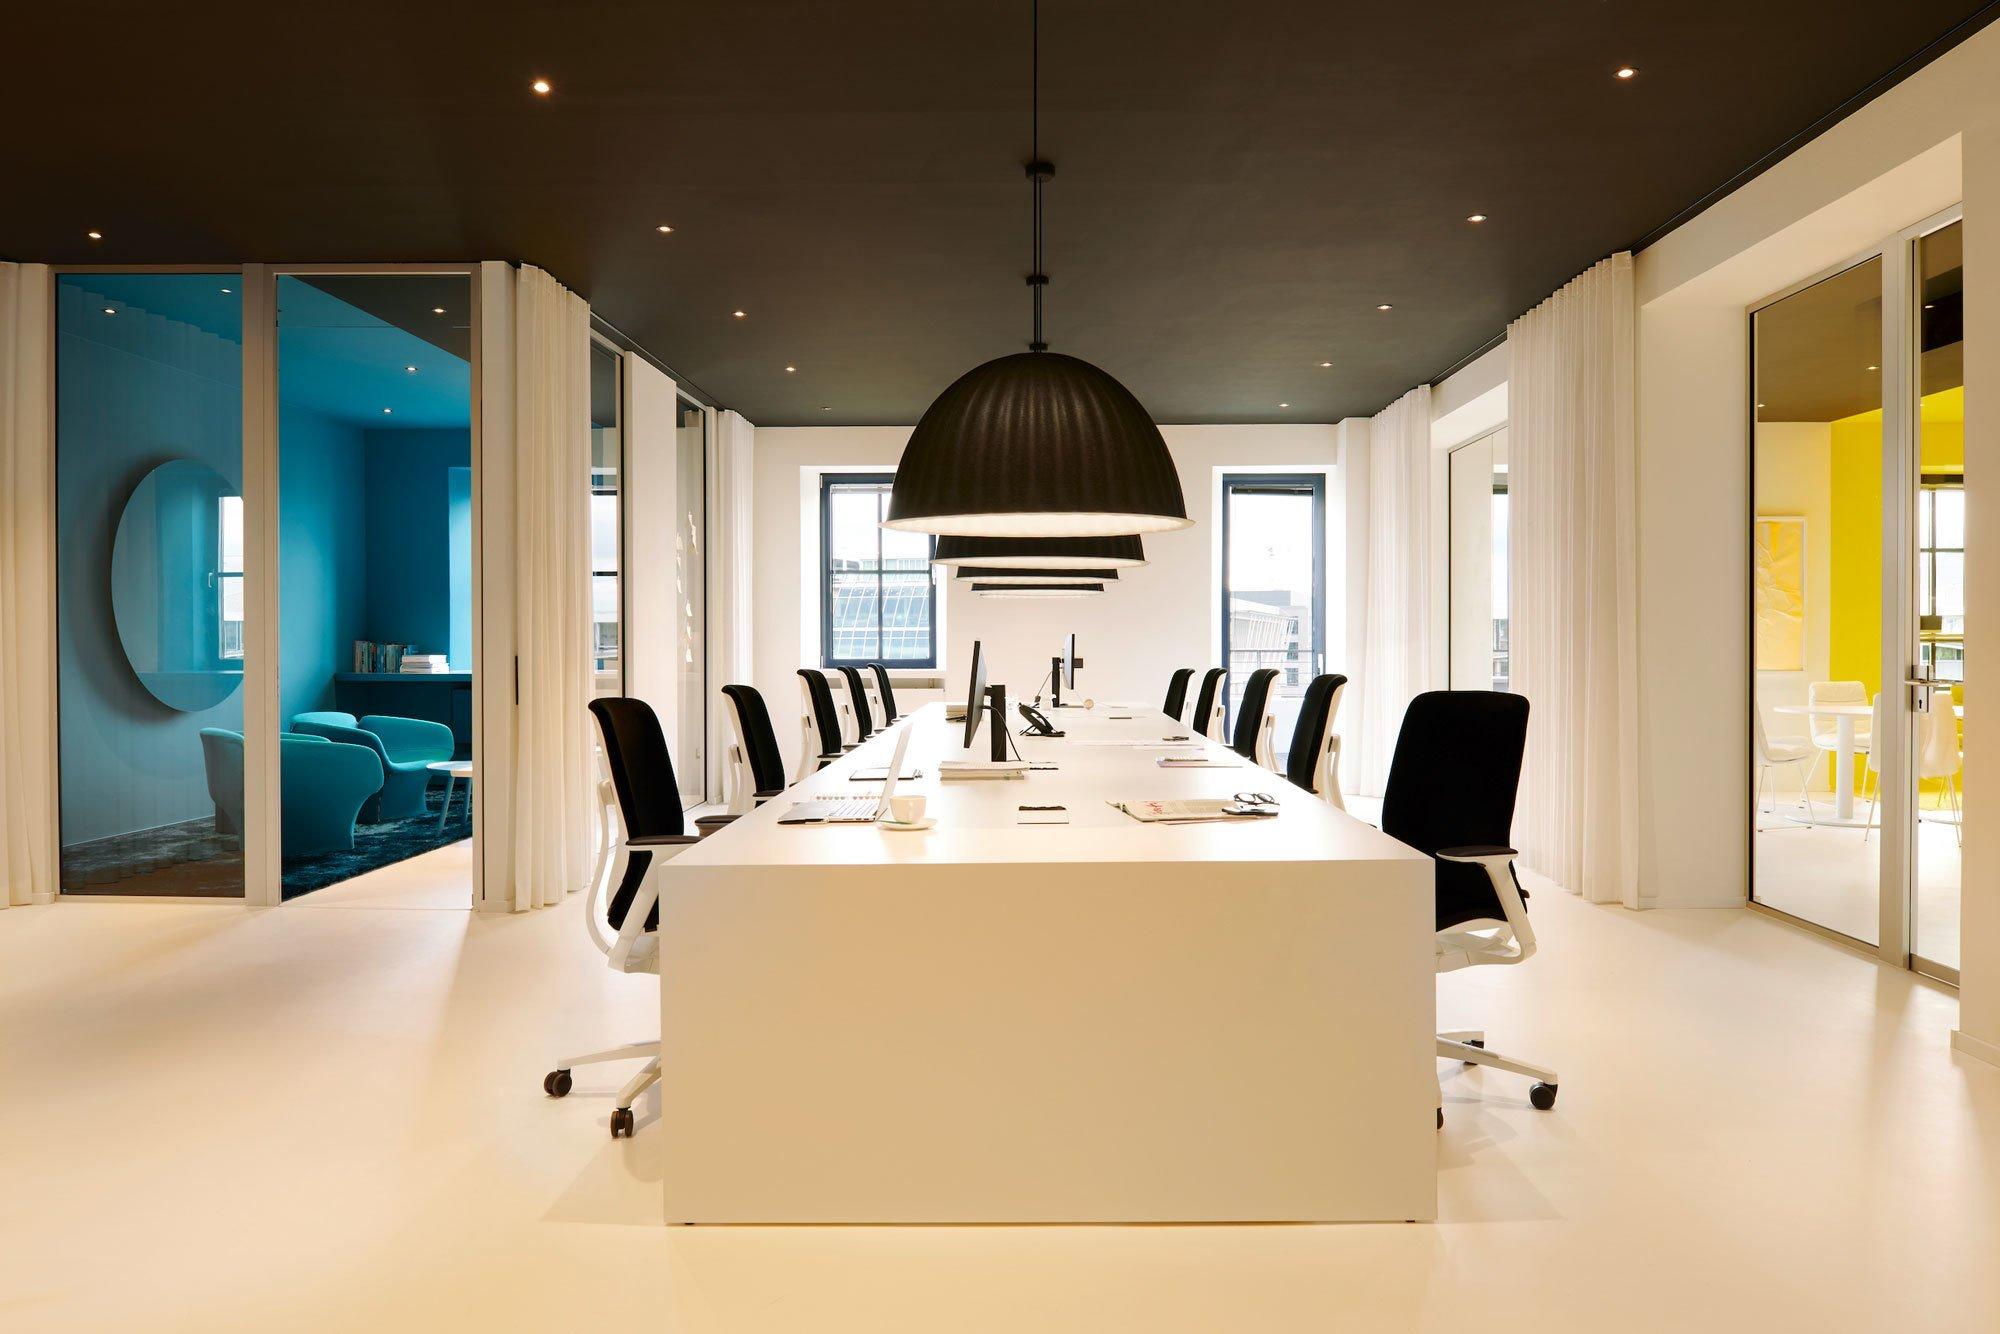 Eine Düsseldorfer Agentur hilft Firmen bei der Sinnfindung. Damit auch ihre Mitarbeiter auf klare Gedanken kommen, folgt das Interior einer monochromen Farbgestaltung.